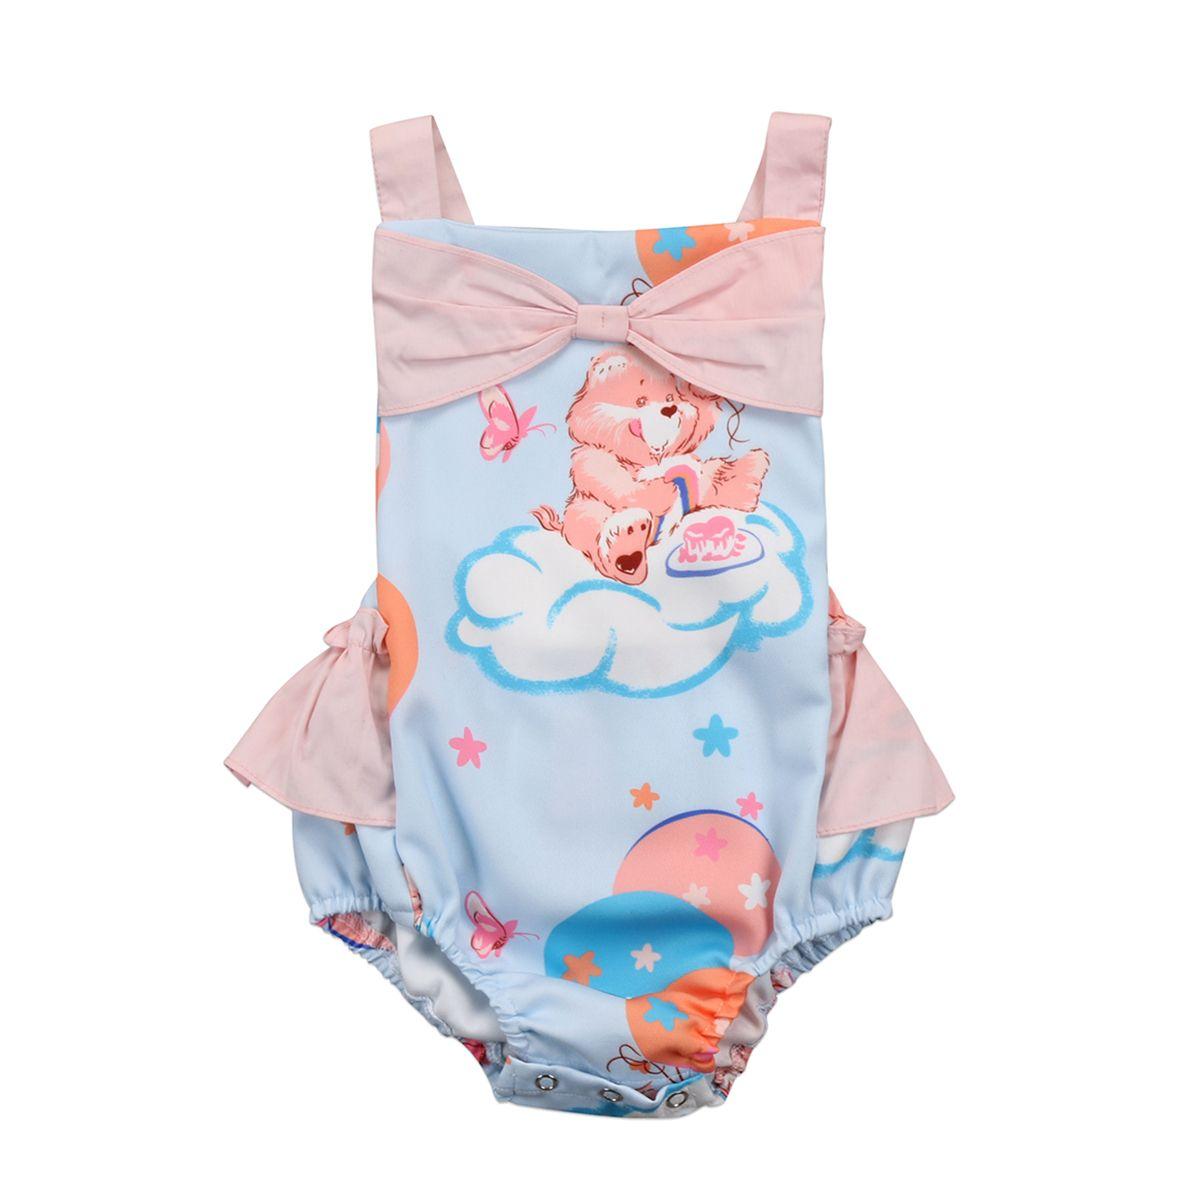 Nuovo sleeveless infantile Cartoon Orso fototecnica ragazza dei vestiti Orso Bowkont pagliaccetto tuta del bambino del cotone